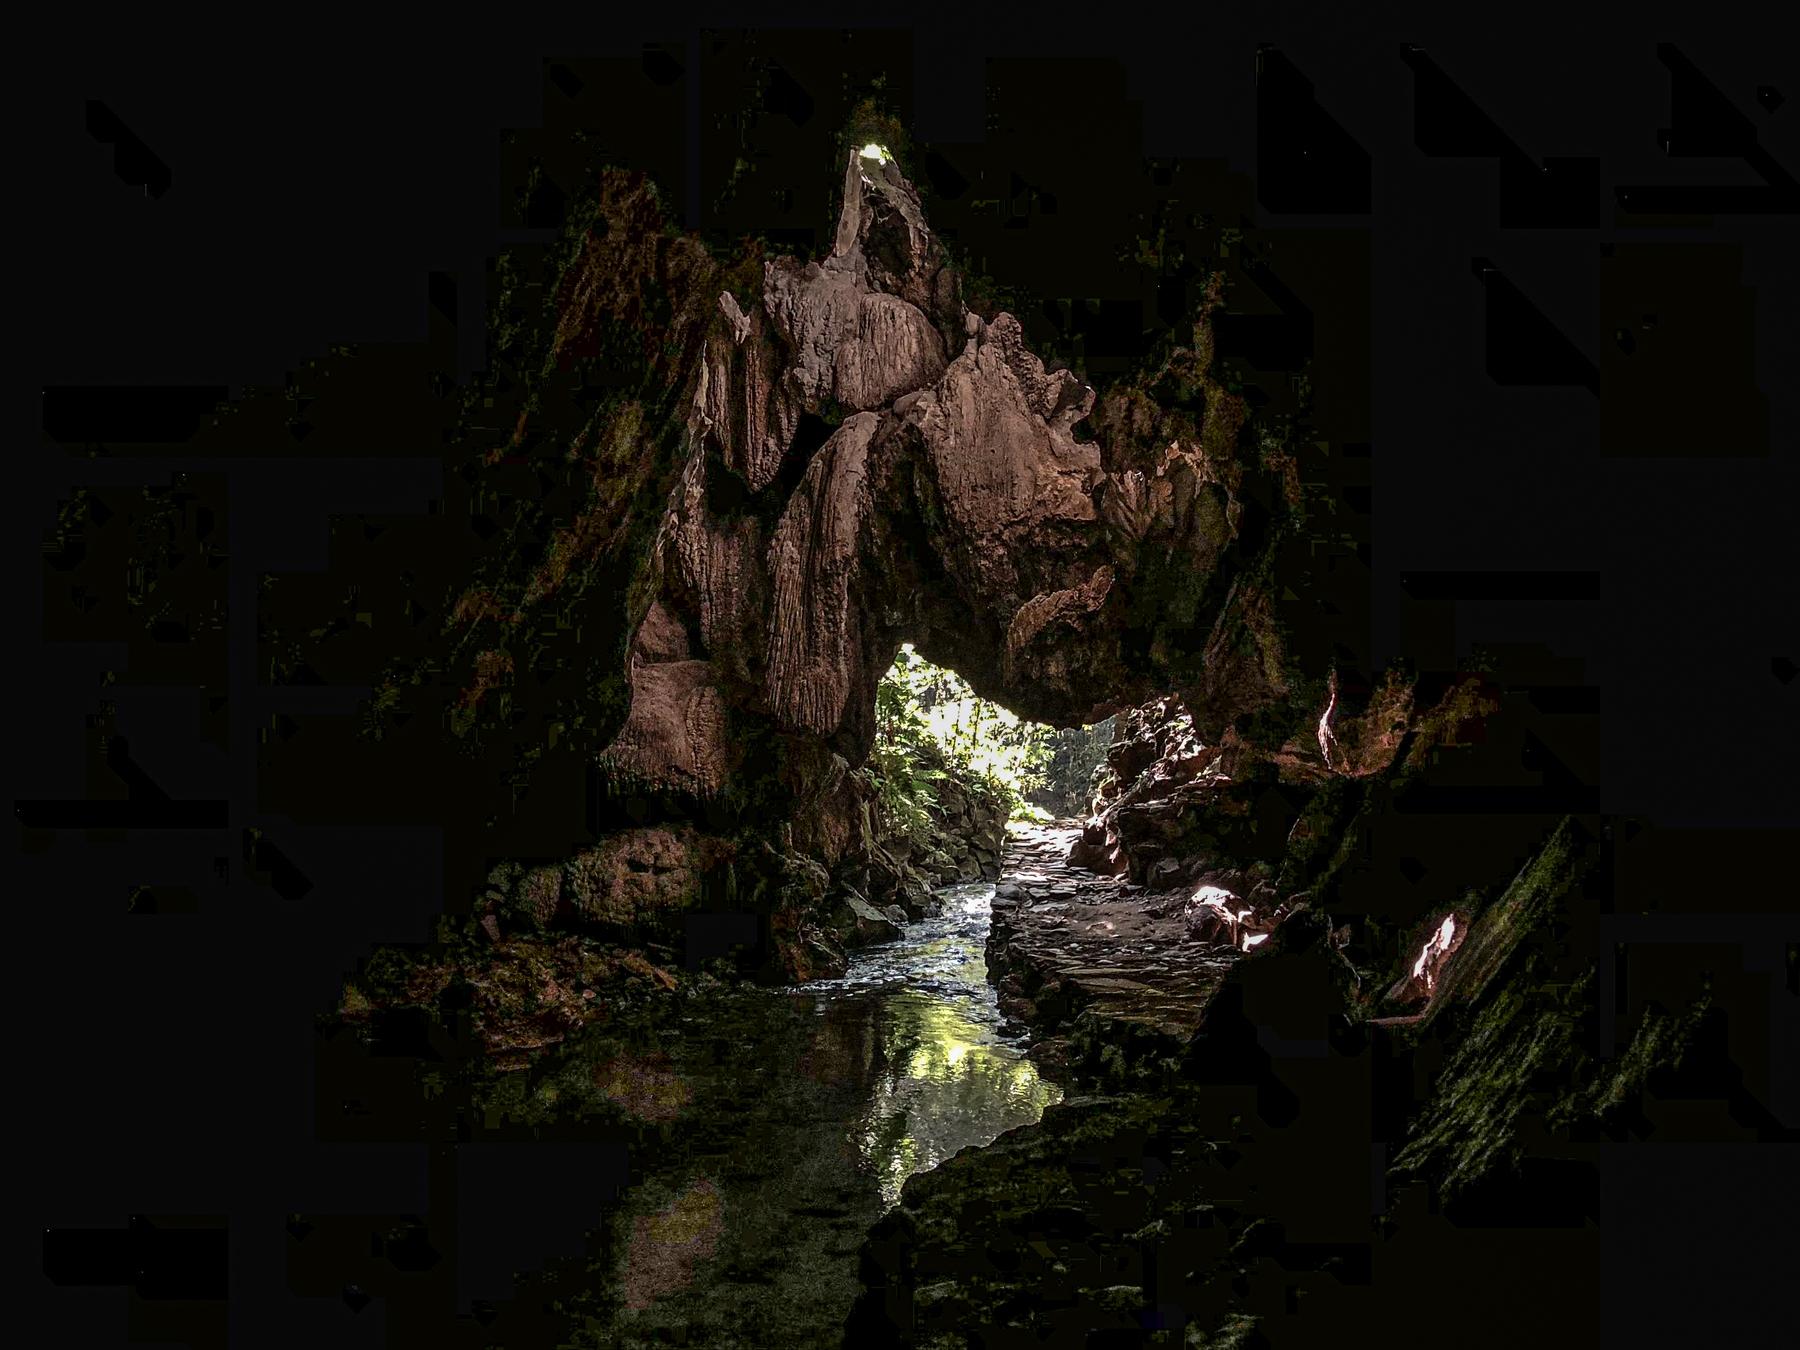 Imagem escura da Caverna Santana no PETAR.